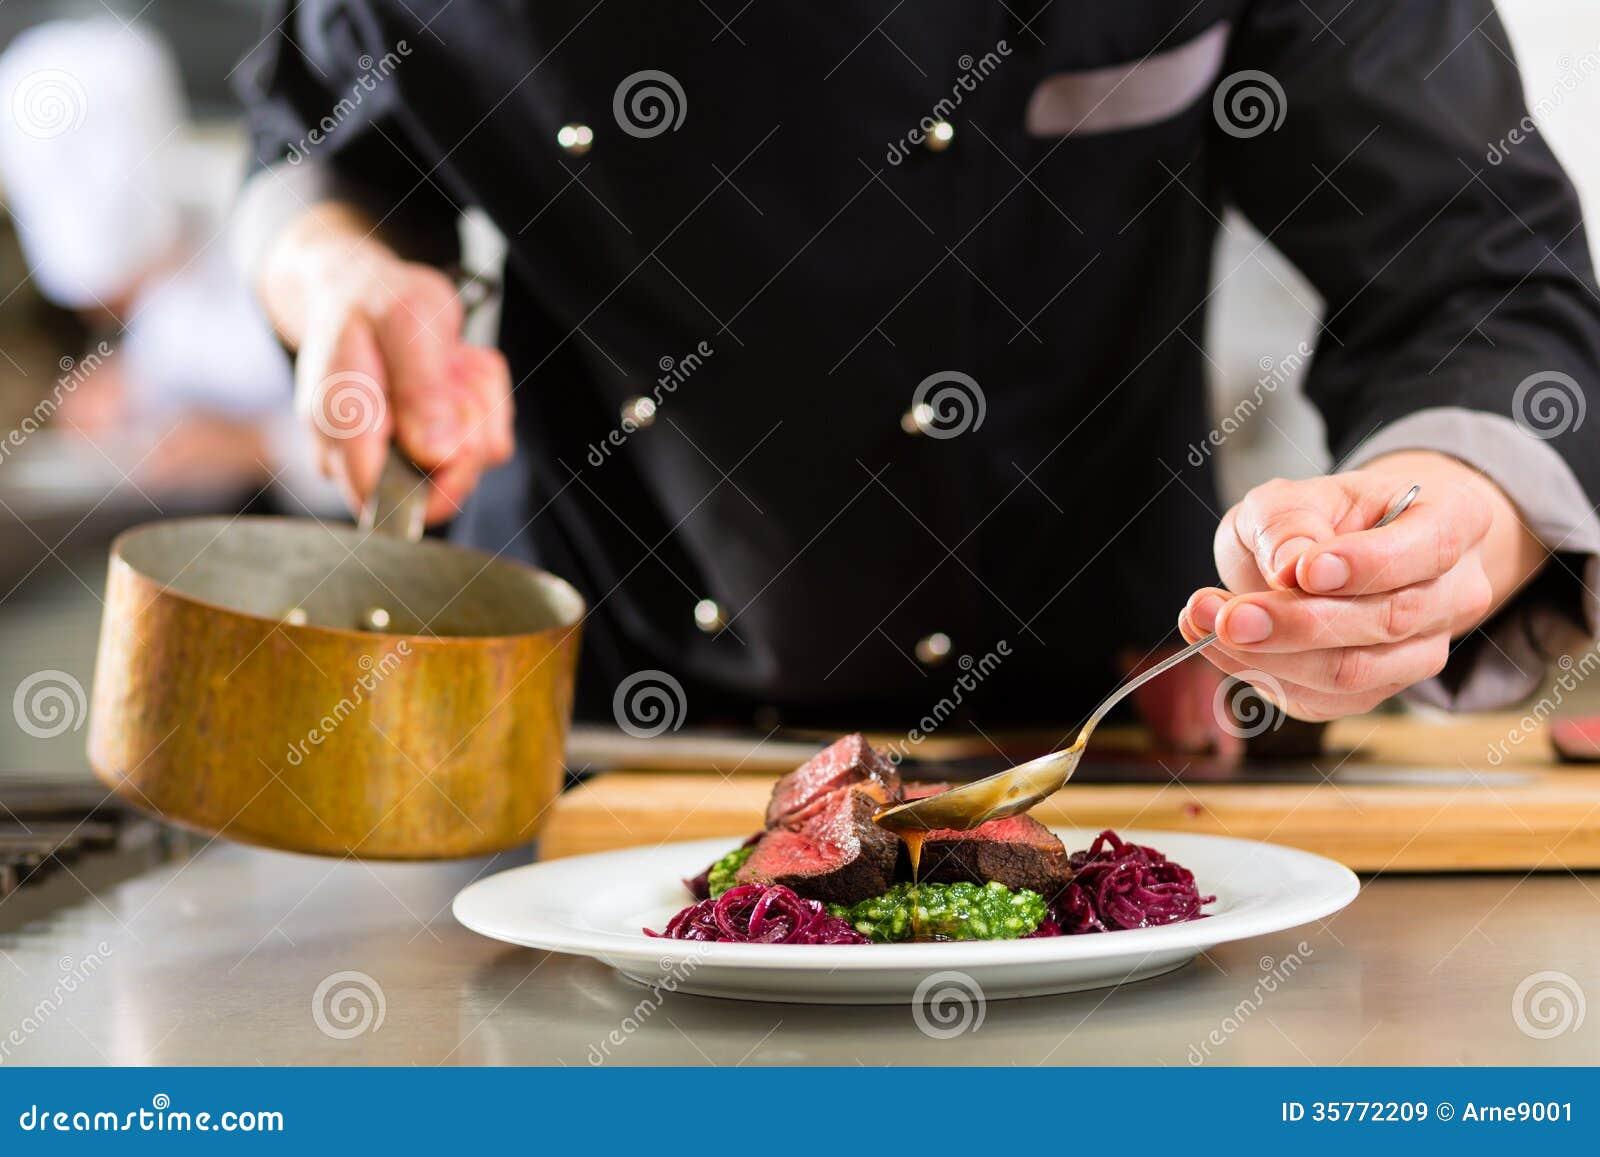 chef dans la cuisson de cuisine d 39 h tel ou de restaurant image stock image du cuisine. Black Bedroom Furniture Sets. Home Design Ideas